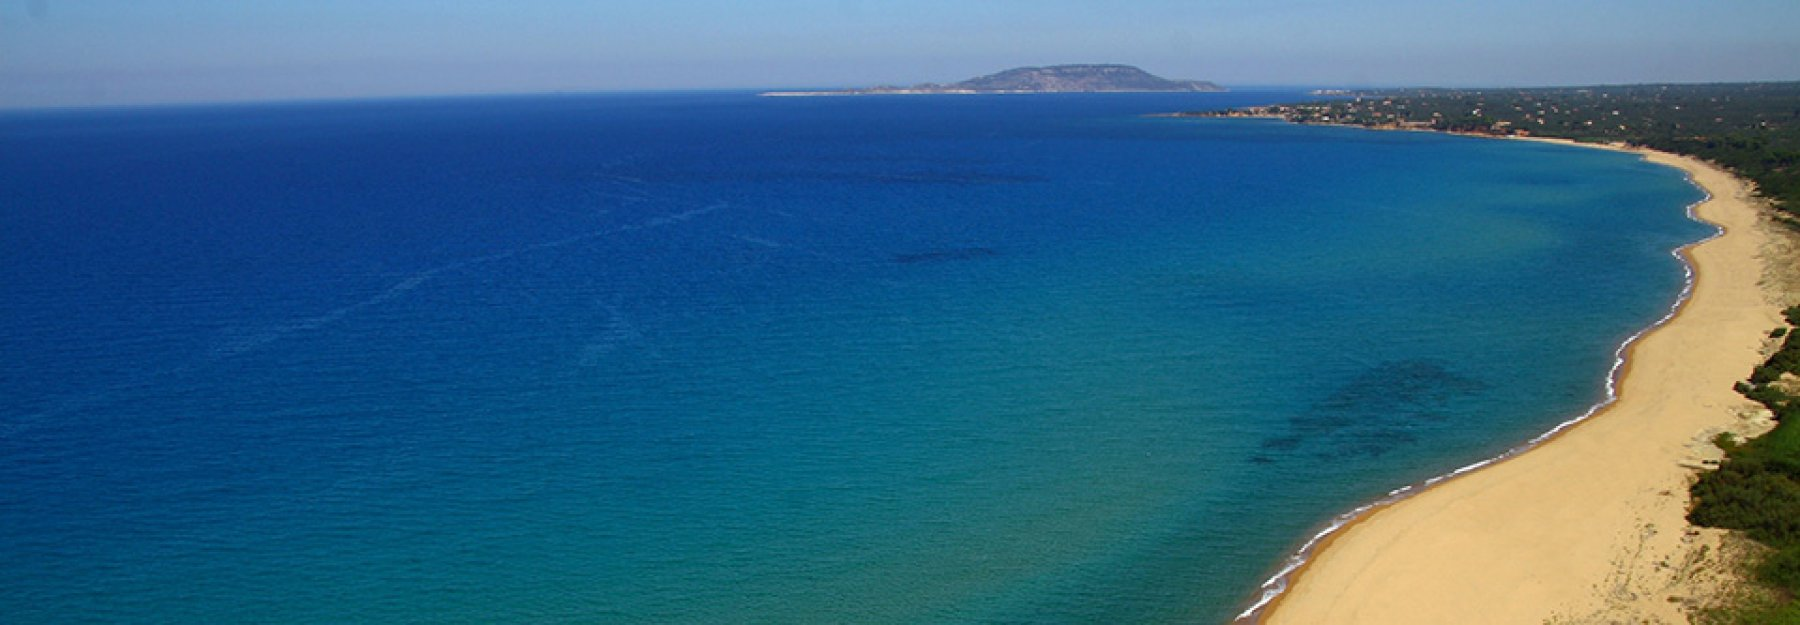 Costa Navarino in Grecia per una vacanza di lusso con i bambini